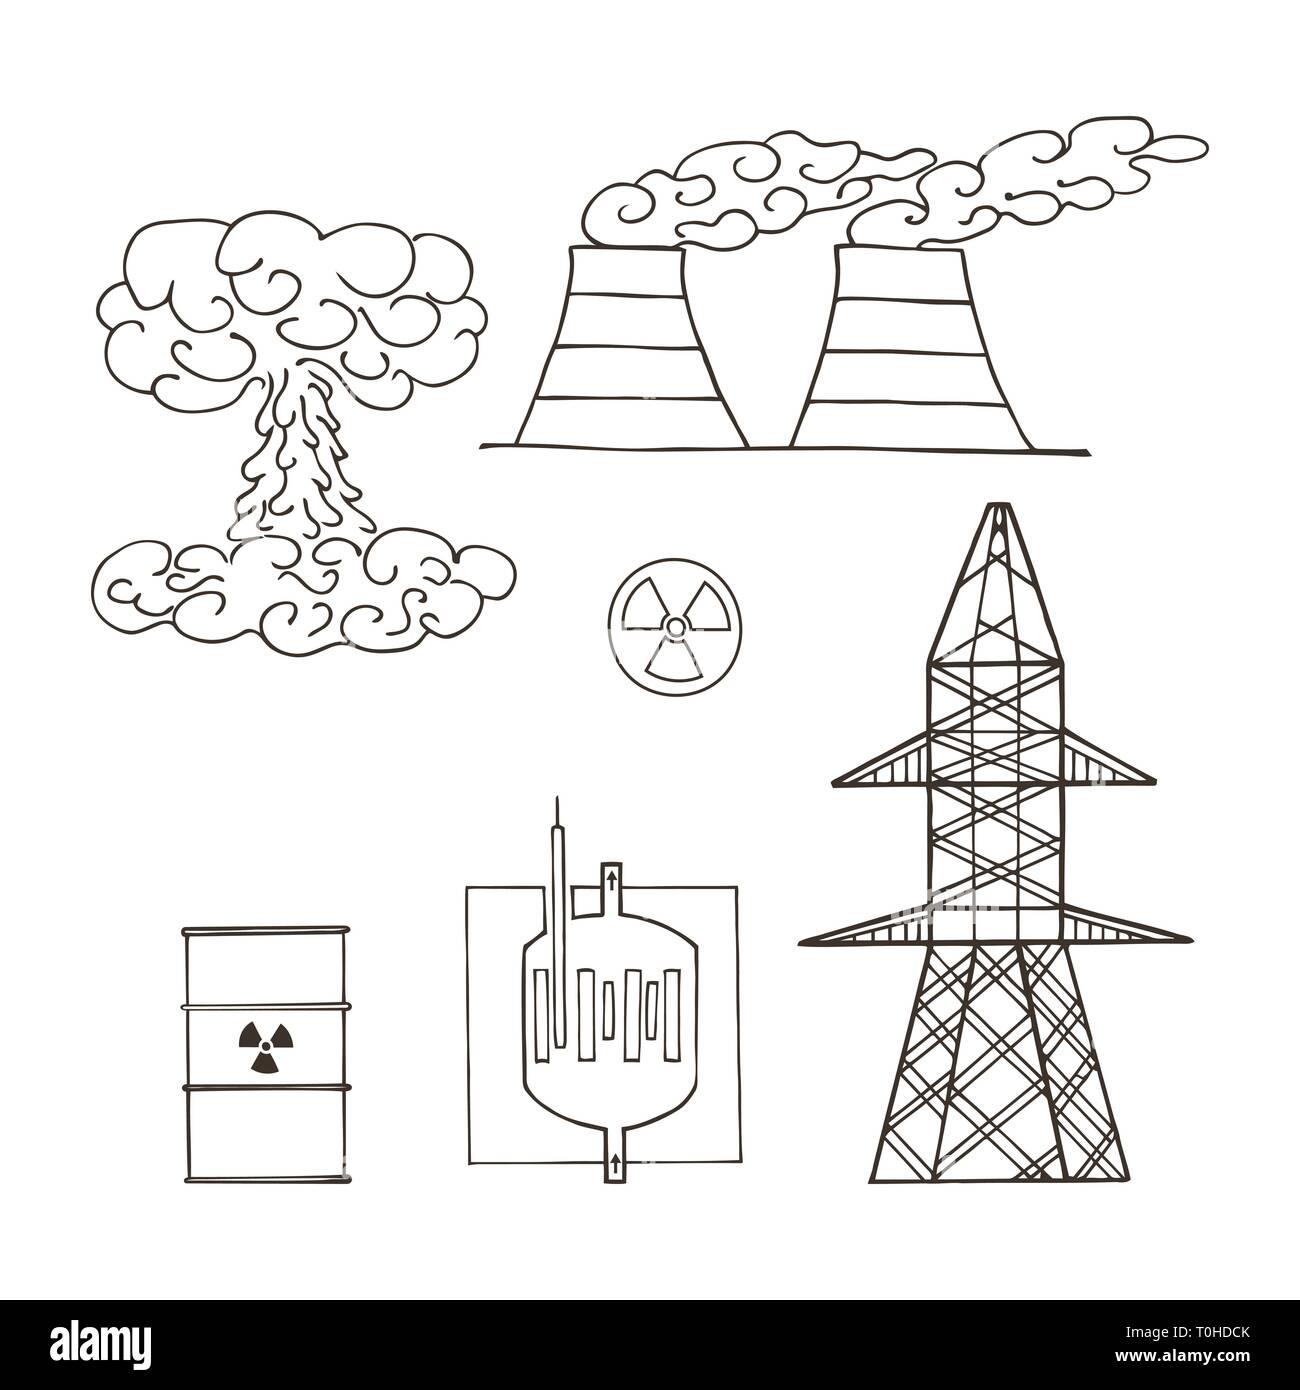 Las Plantas De Energía Nuclear Los Residuos Tóxicos La